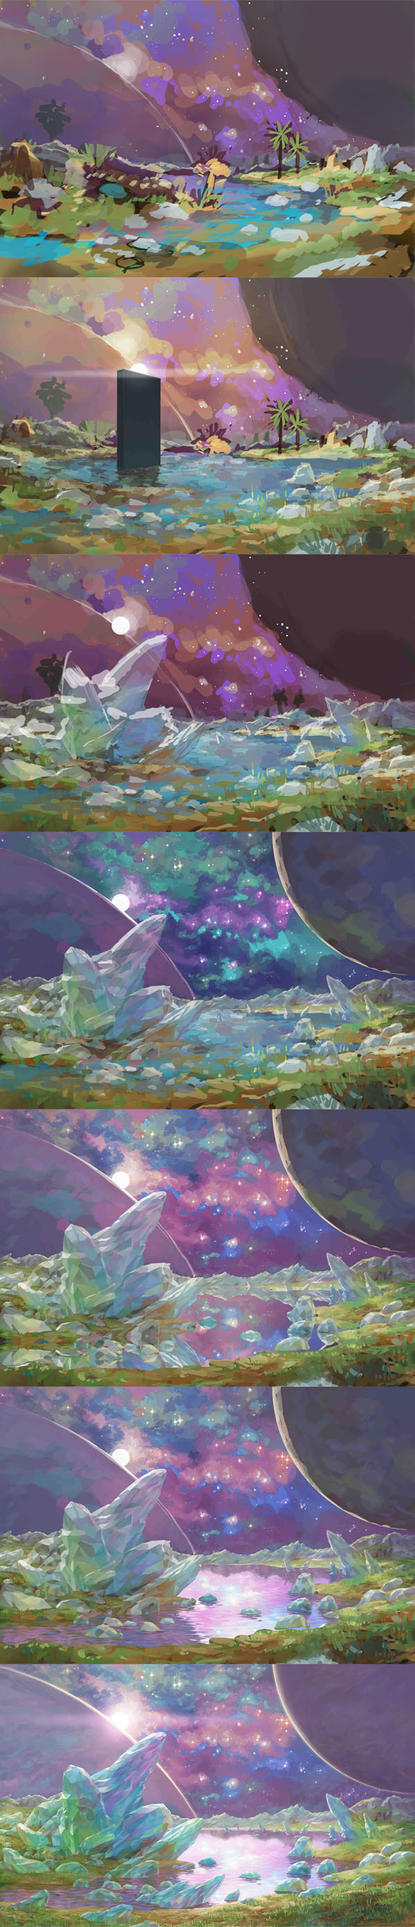 scene_crystal_steps by Qrumzsjem